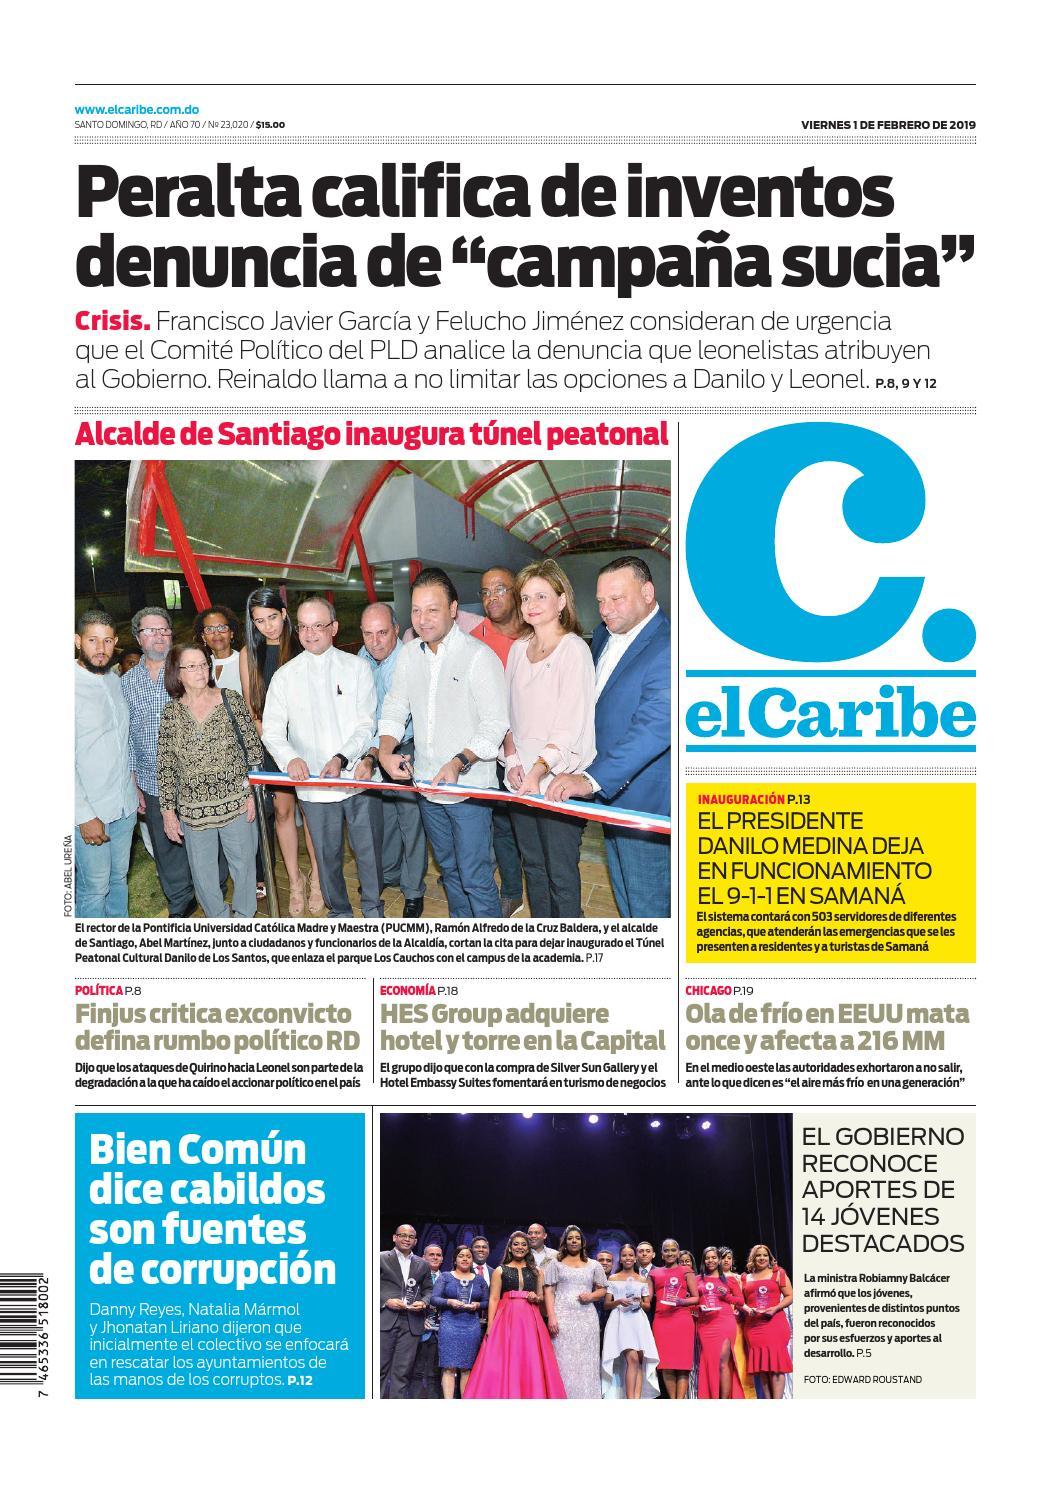 Portada Periódico El Caribe, Viernes 01 de Febrero 2019